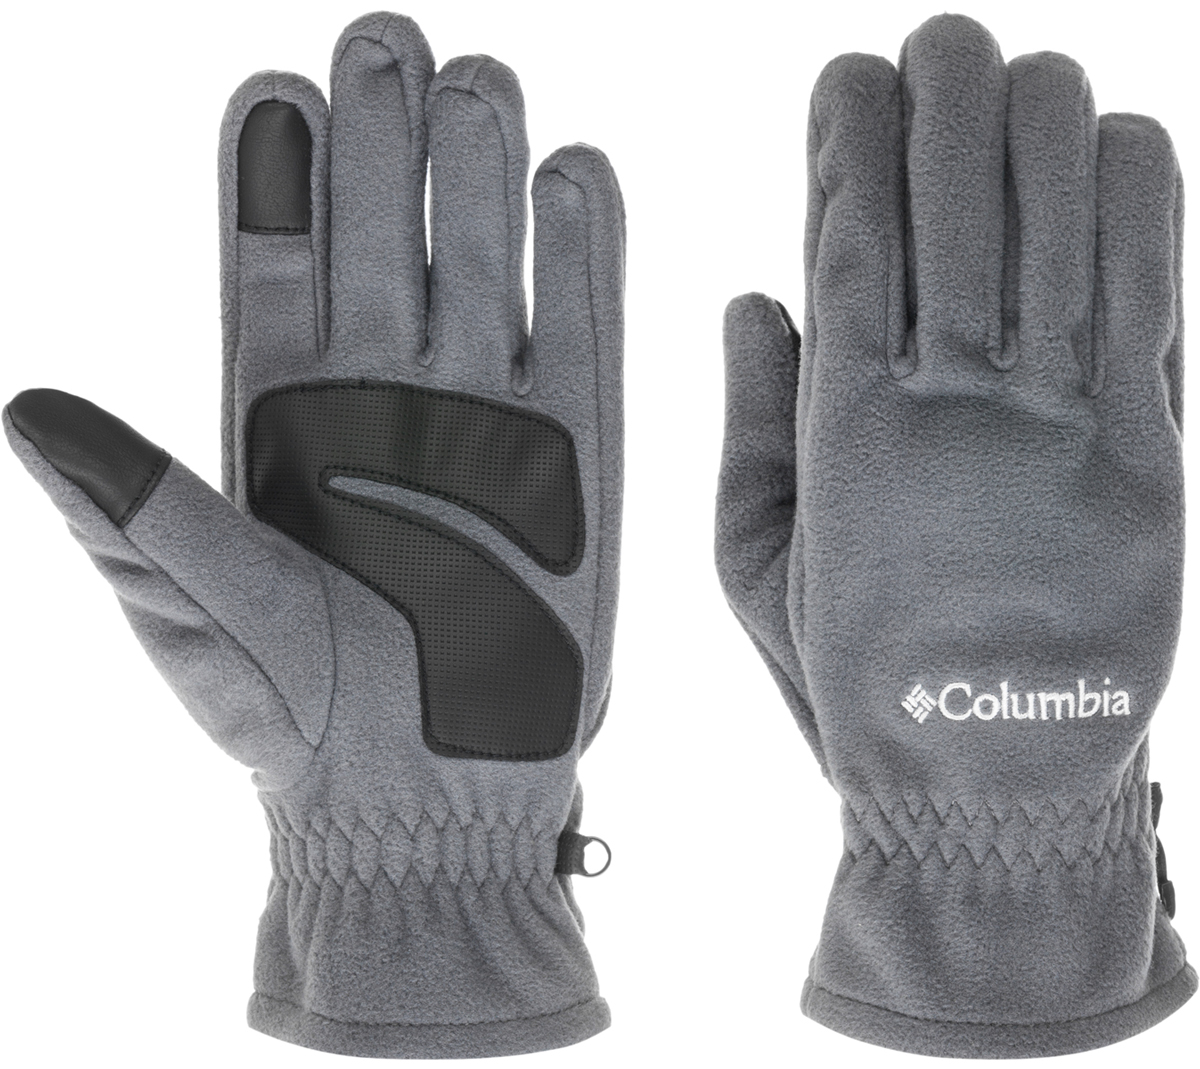 Перчатки мужские Columbia Thermarator Glove, цвет: темно-серый. 1555851-053. Размер S (6/7)1555851-053Флисовые перчатки идеально подойдут для активного отдыха в холодное время года. Уникальная технология Omni-Heat сохраняет собственное тепло человека, отражая его с помощью серебристых точек, а излишняя влага отводится наружу. Текстурированное укрепление ладони и пальцев в местах наибольшего трения защищают перчатки от истирания.